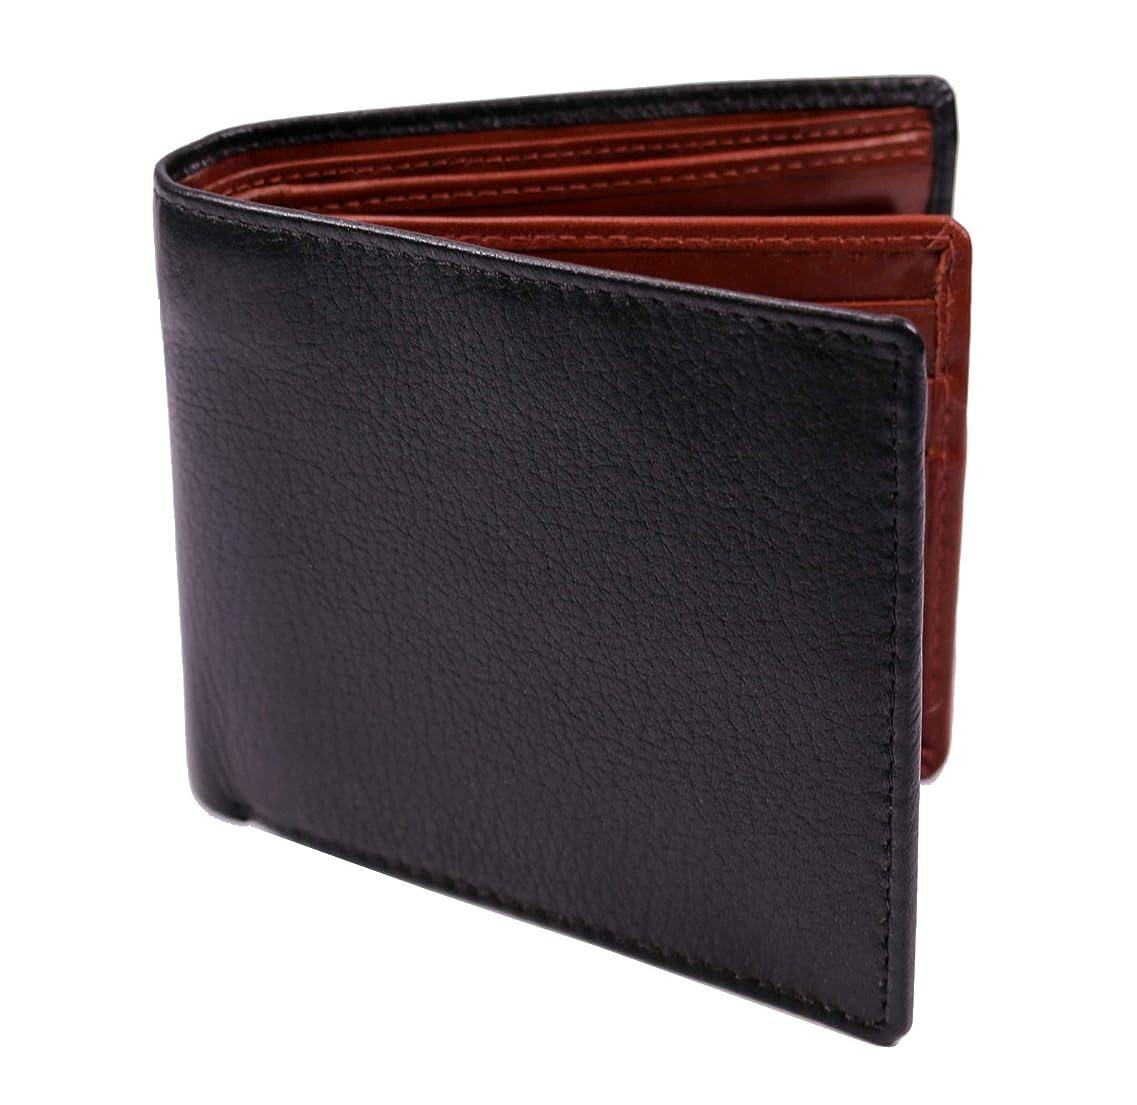 数値爆風ドライプラスエイチ(Plus H) 財布 二つ折り財布 メンズ 革 小銭入れ付き PH7990